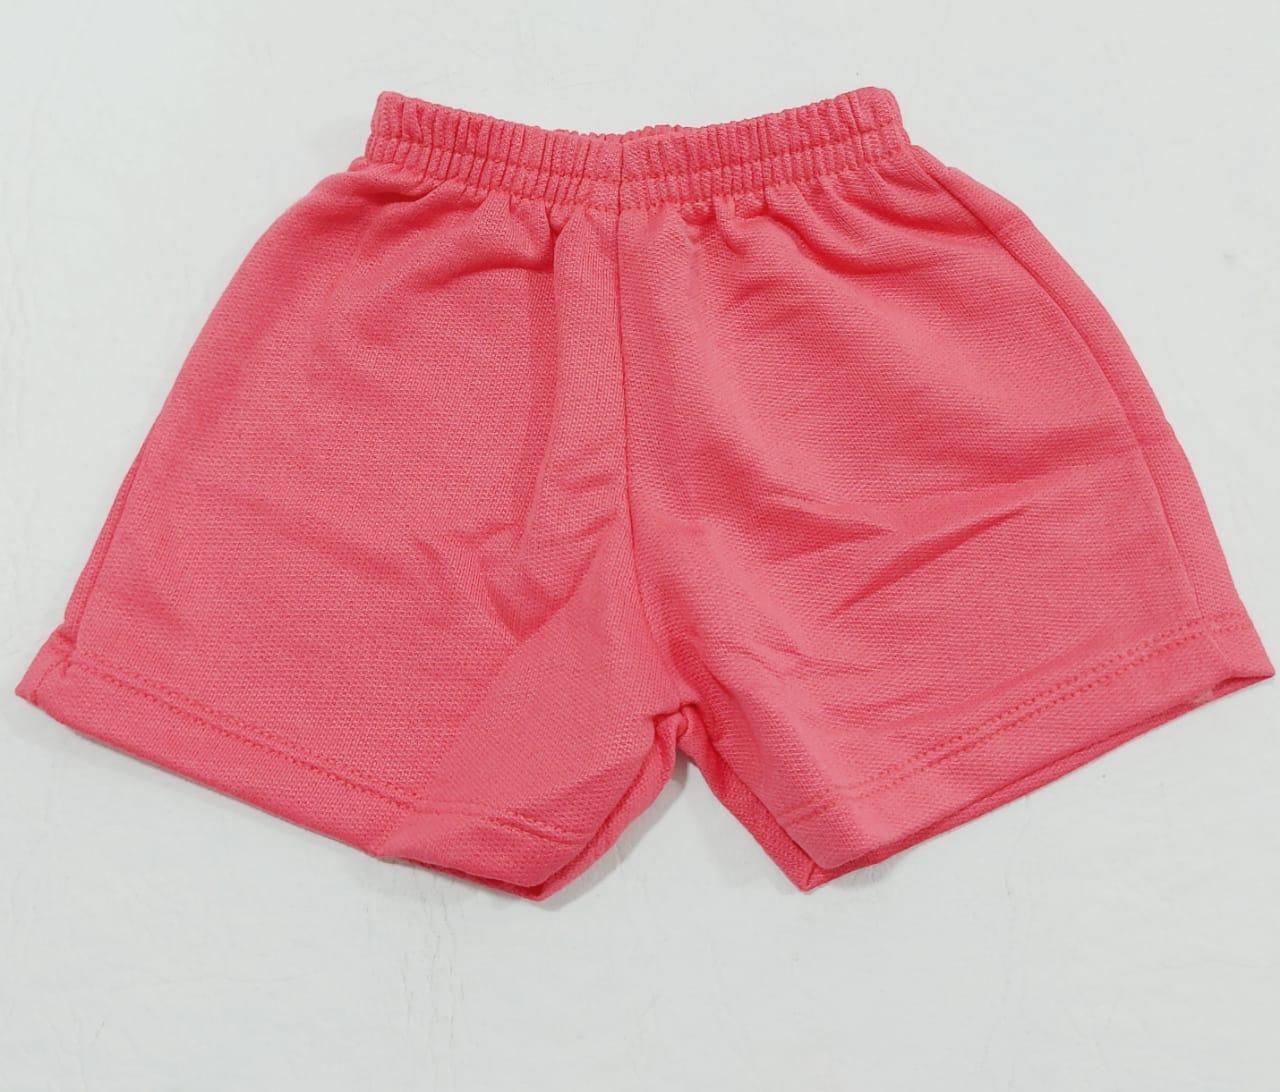 Conjunto Verão Gatinha - Camiseta E Shorts - 02 Peças - 0 à 10 meses - Fashion Kids